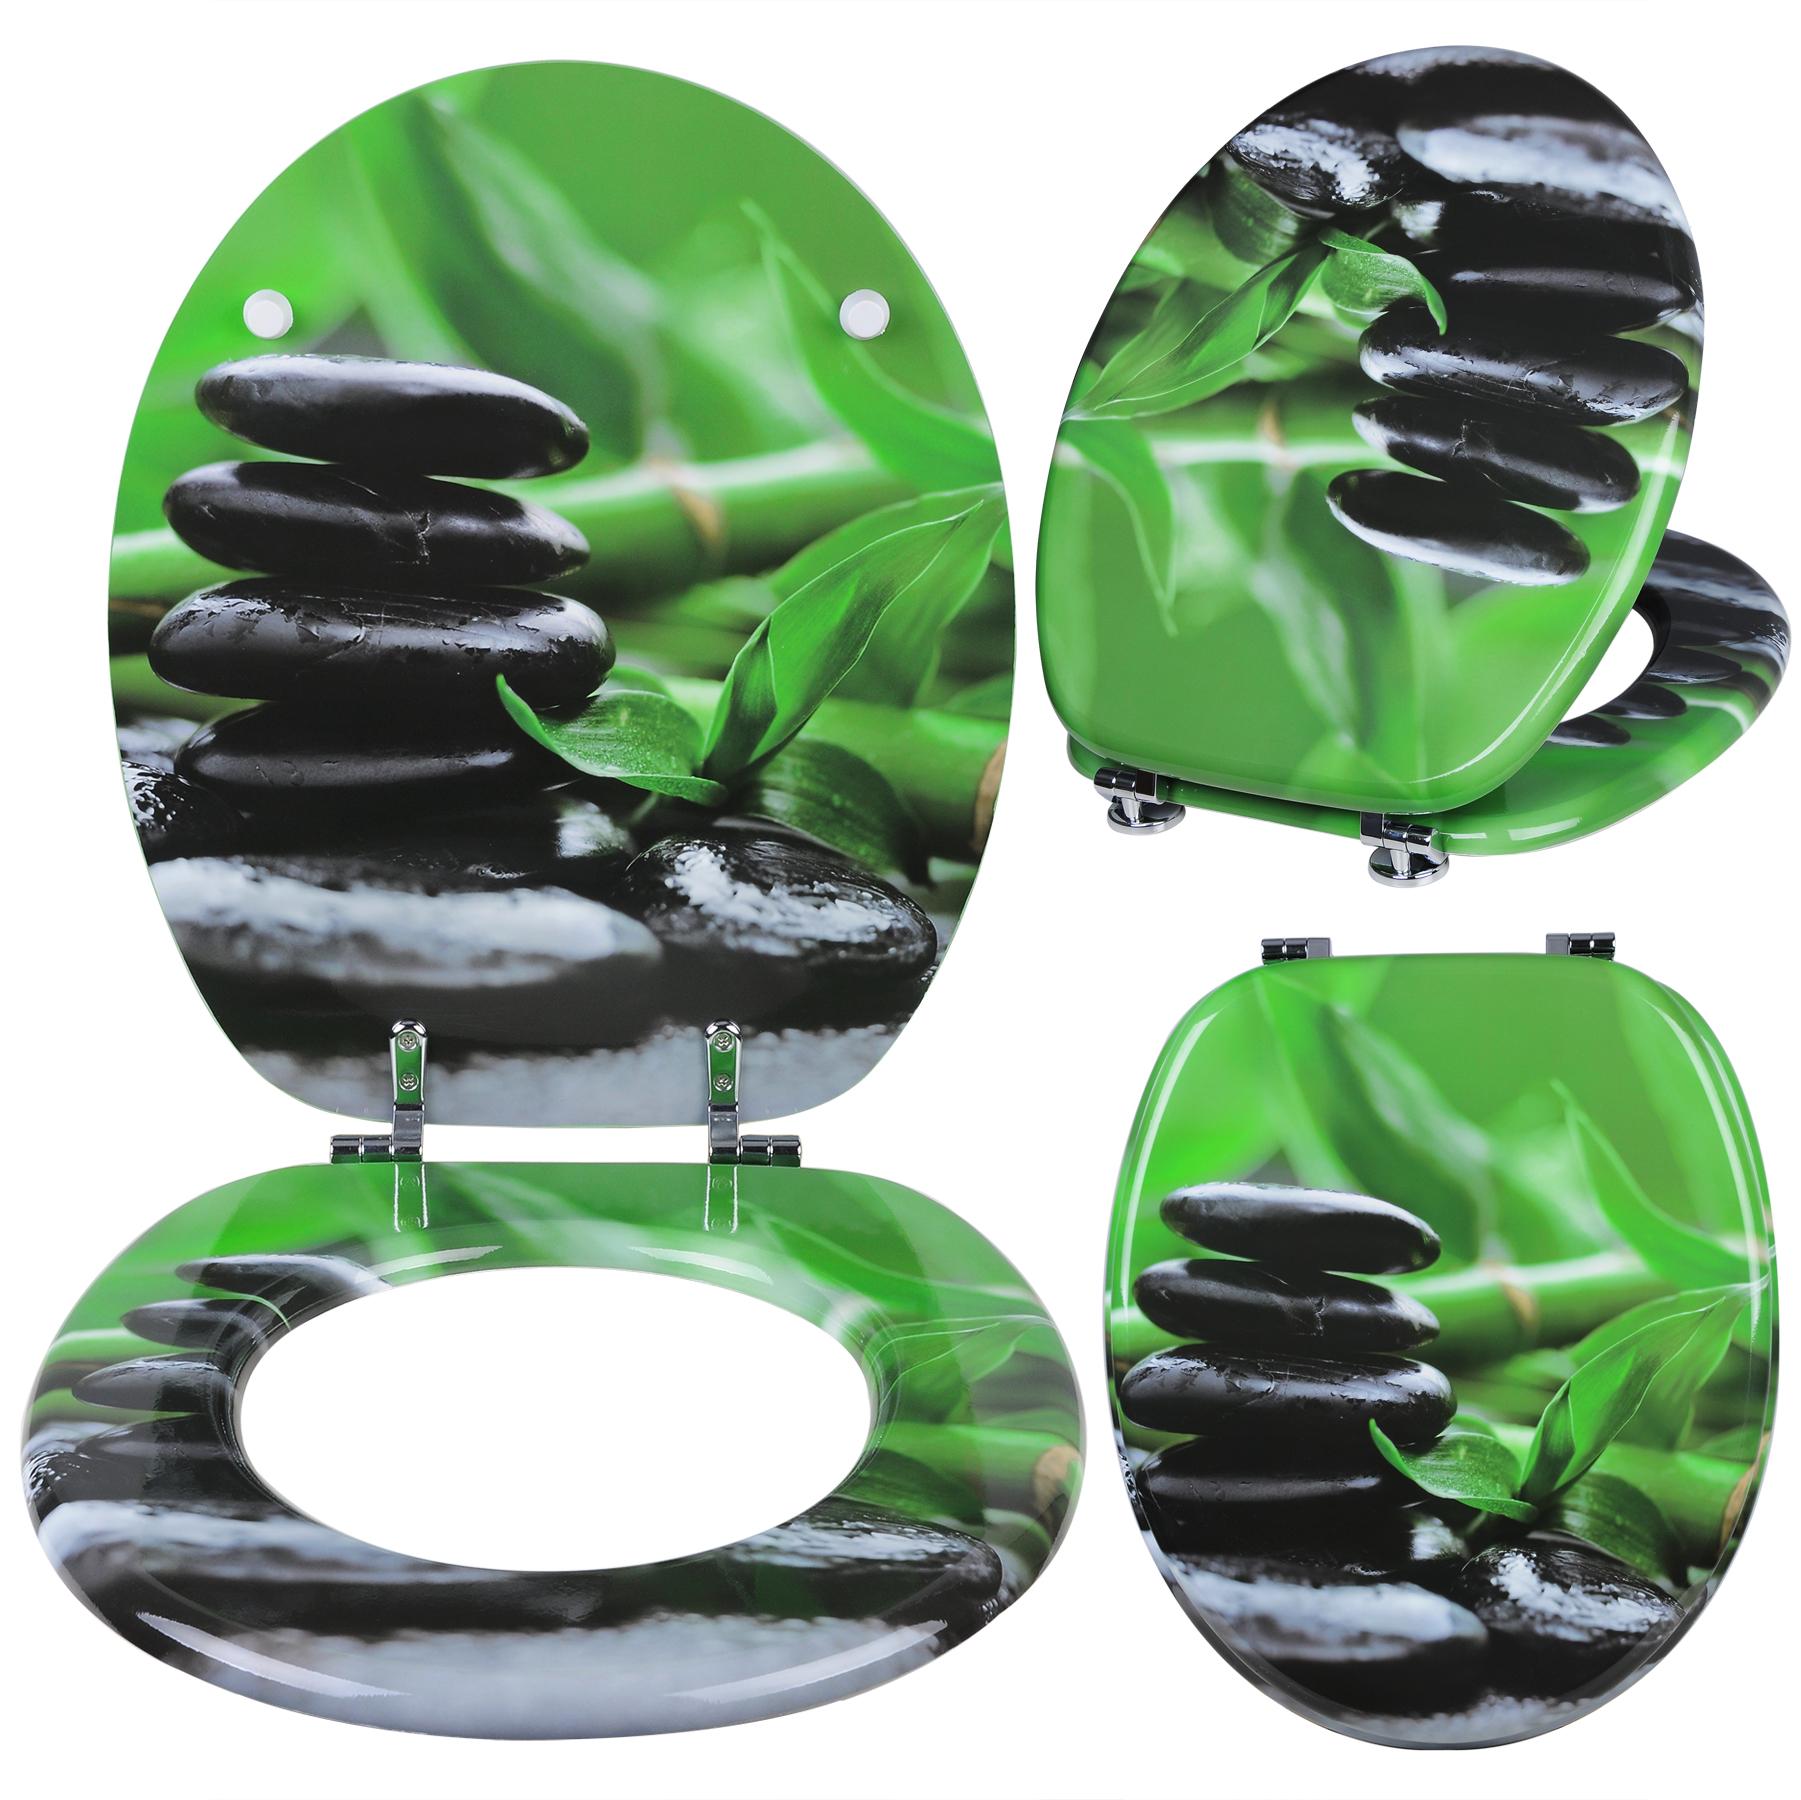 wc sitz toilettendeckel mdf holz klodeckel wc deckel toilettensitz brille 186 ebay. Black Bedroom Furniture Sets. Home Design Ideas